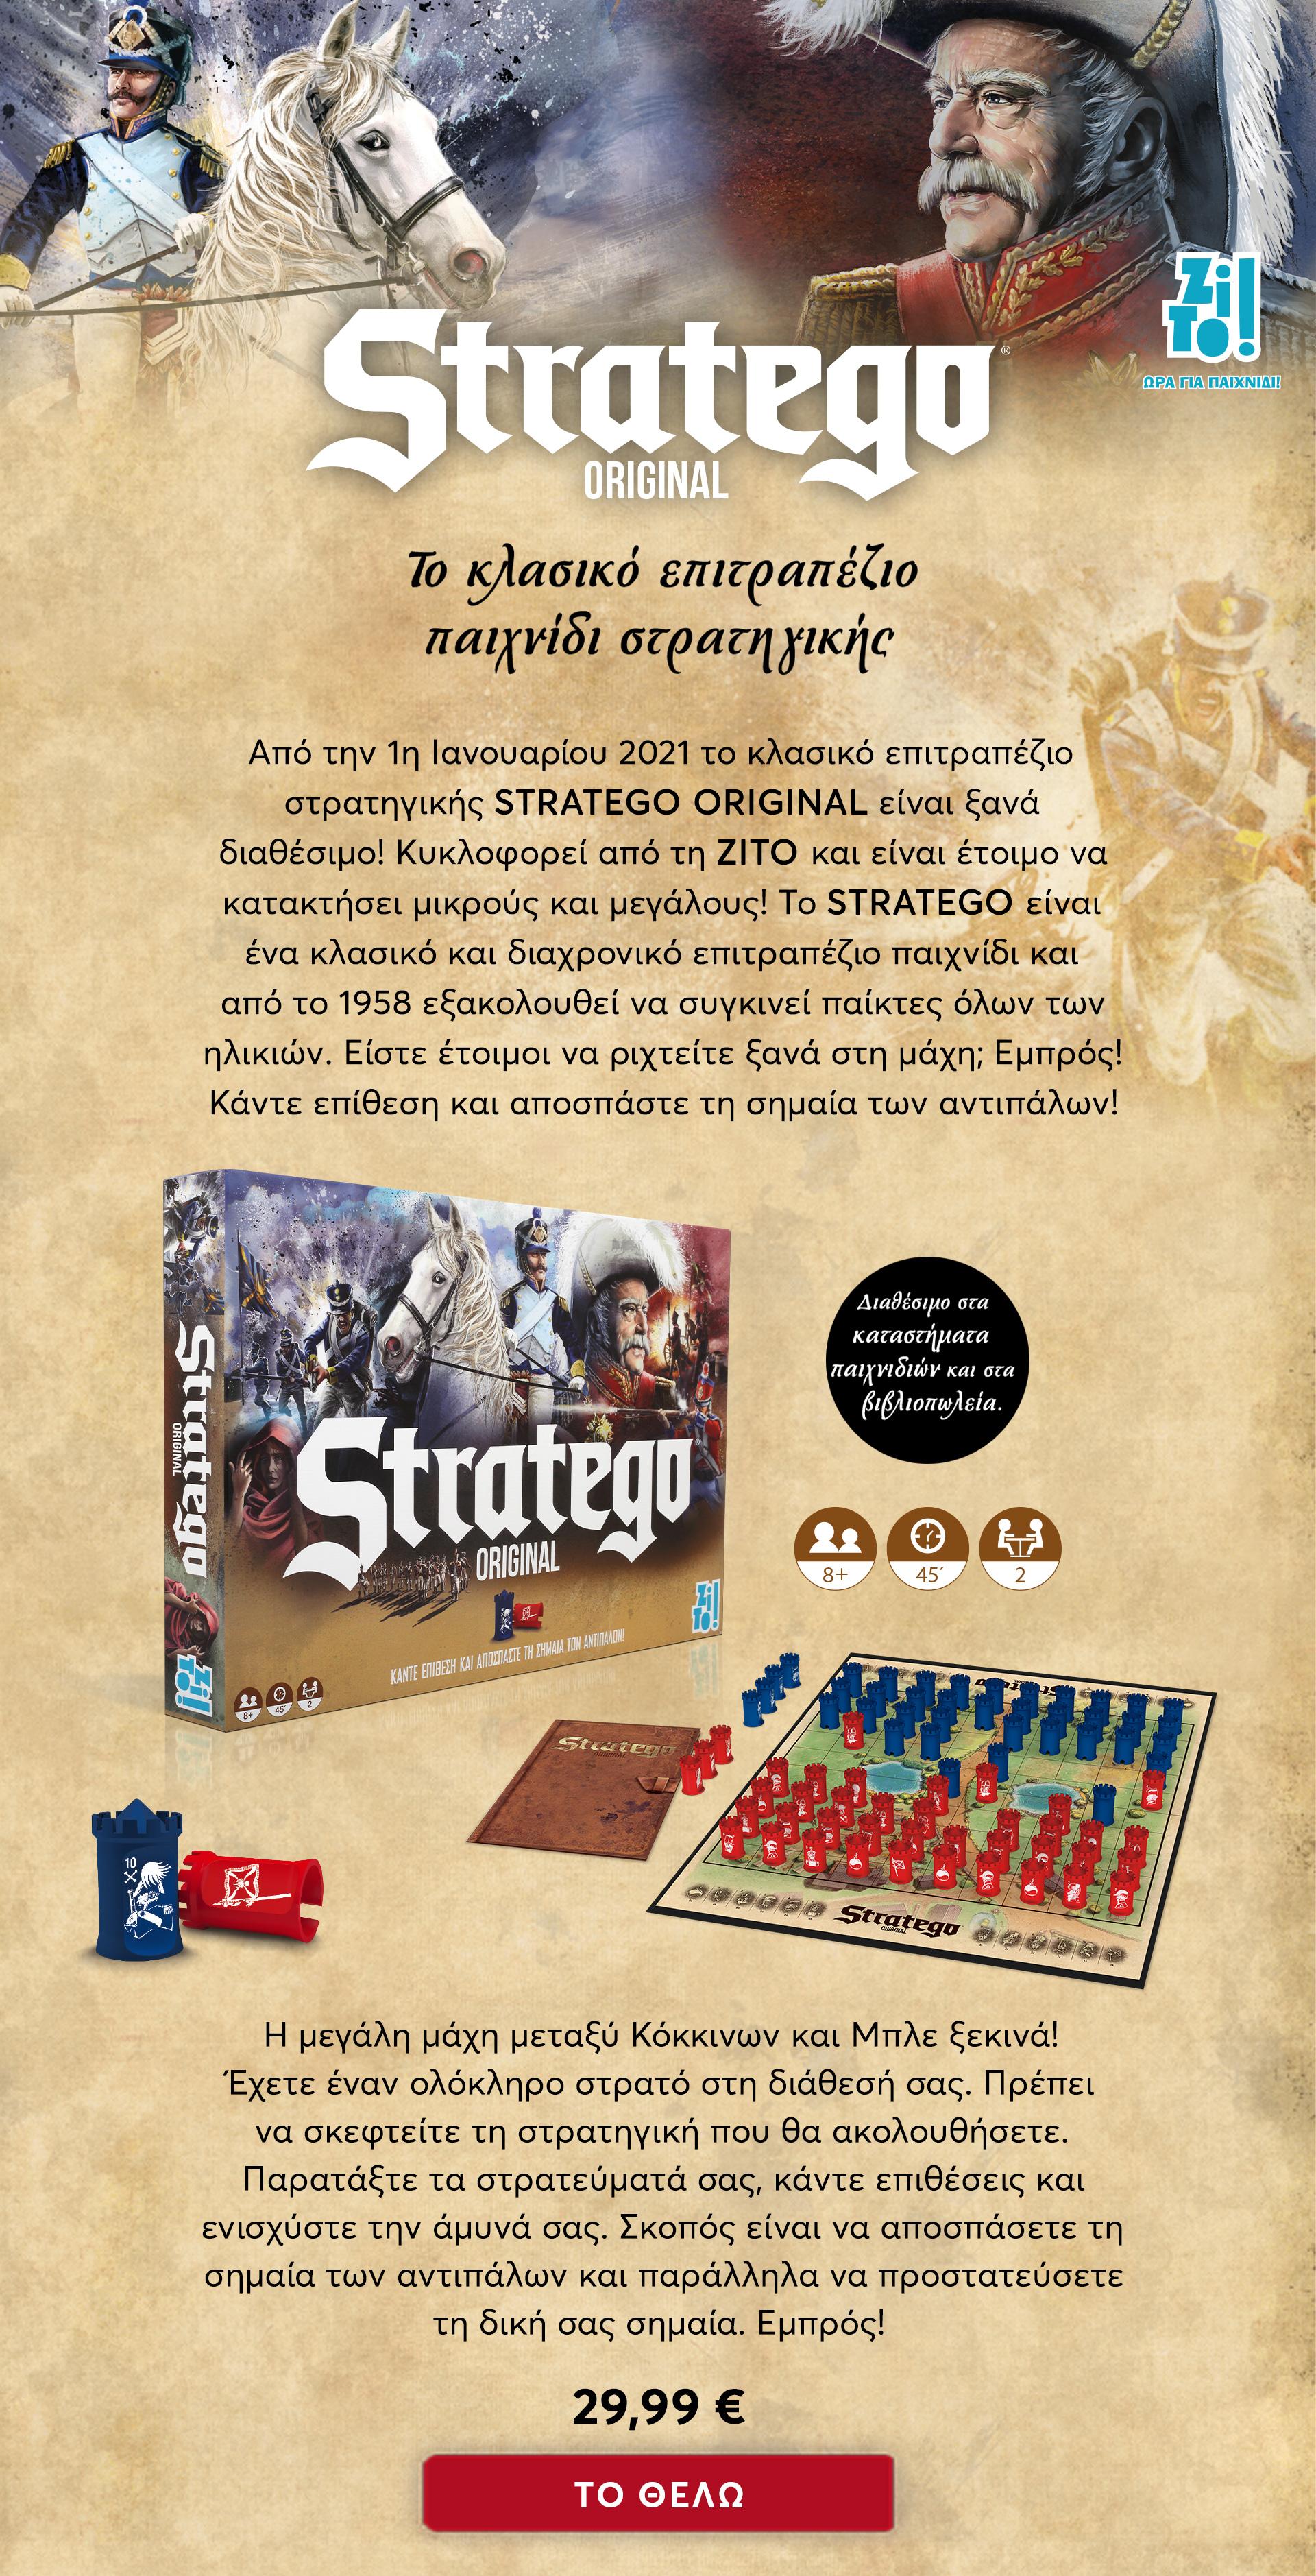 Το STRATEGO είναι ένα κλασικό επιτραπέζιο παιχνίδι στρατηγικής για δύο παίχτες!